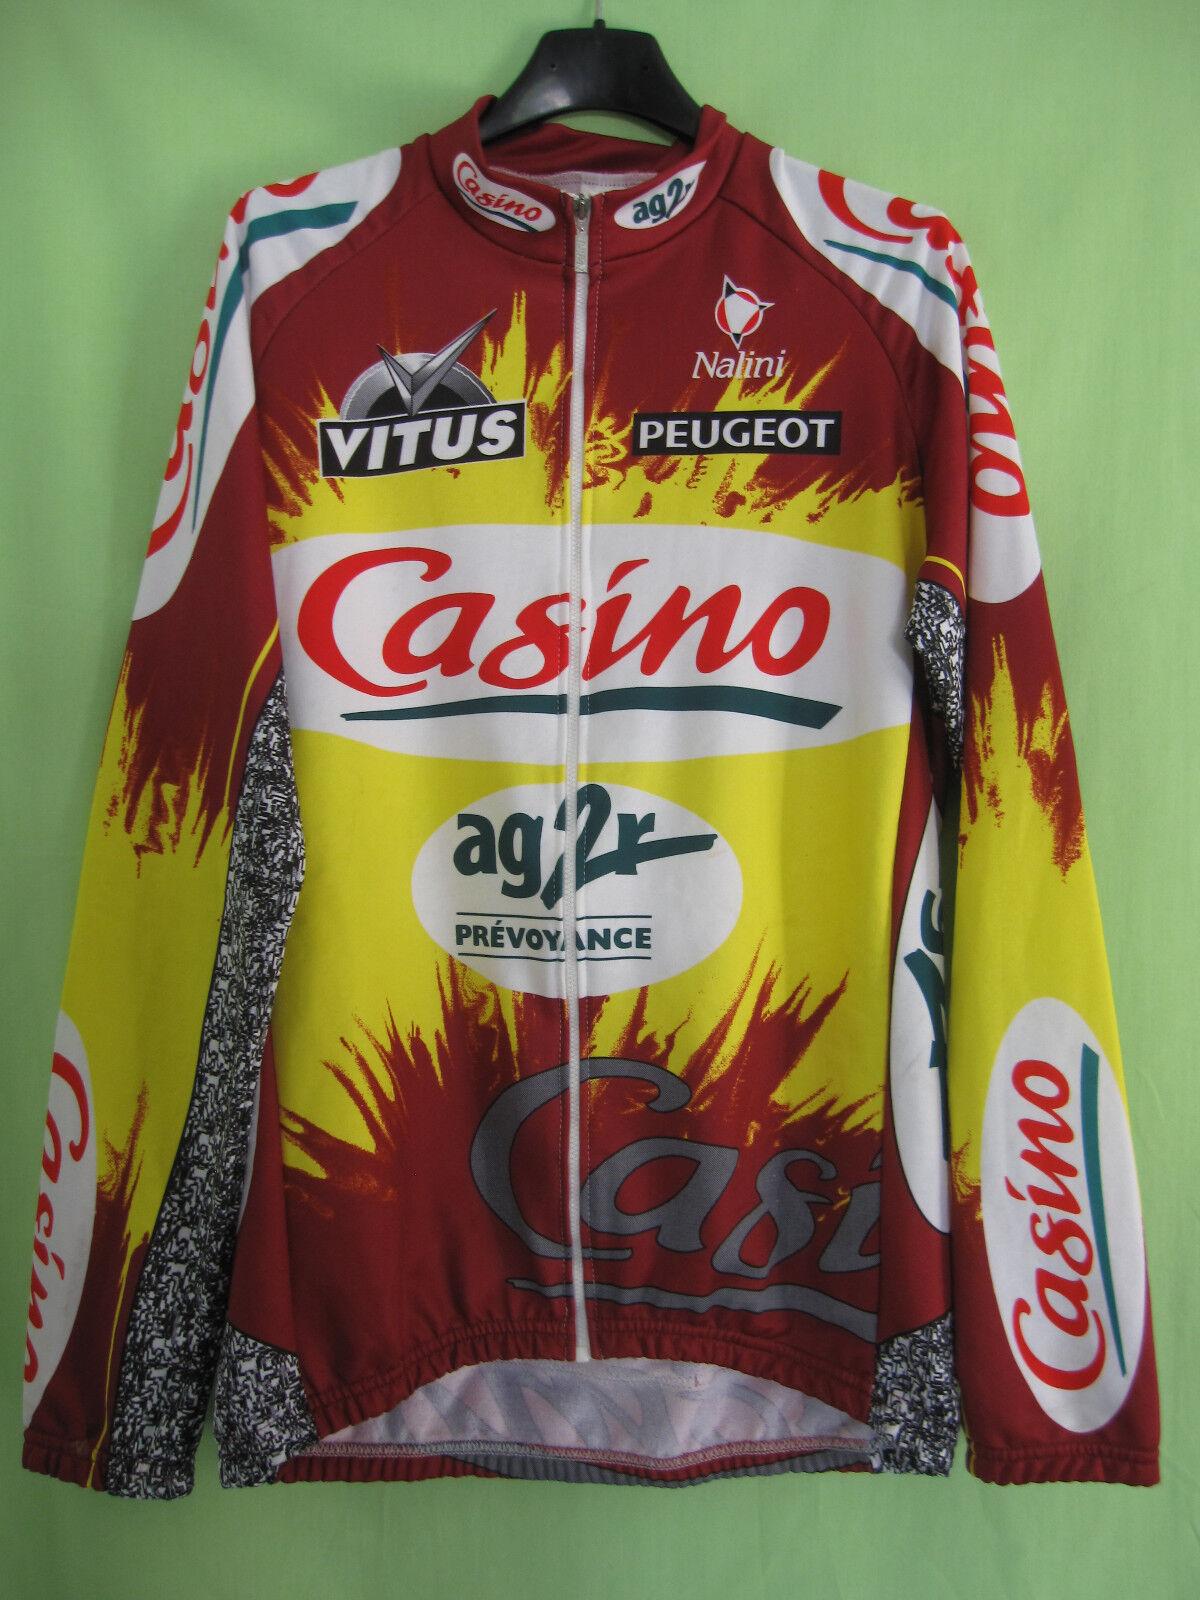 Maillot cycliste Casino Ag2r Tour 1999 Vitus vintage Manche Longue - 4   L